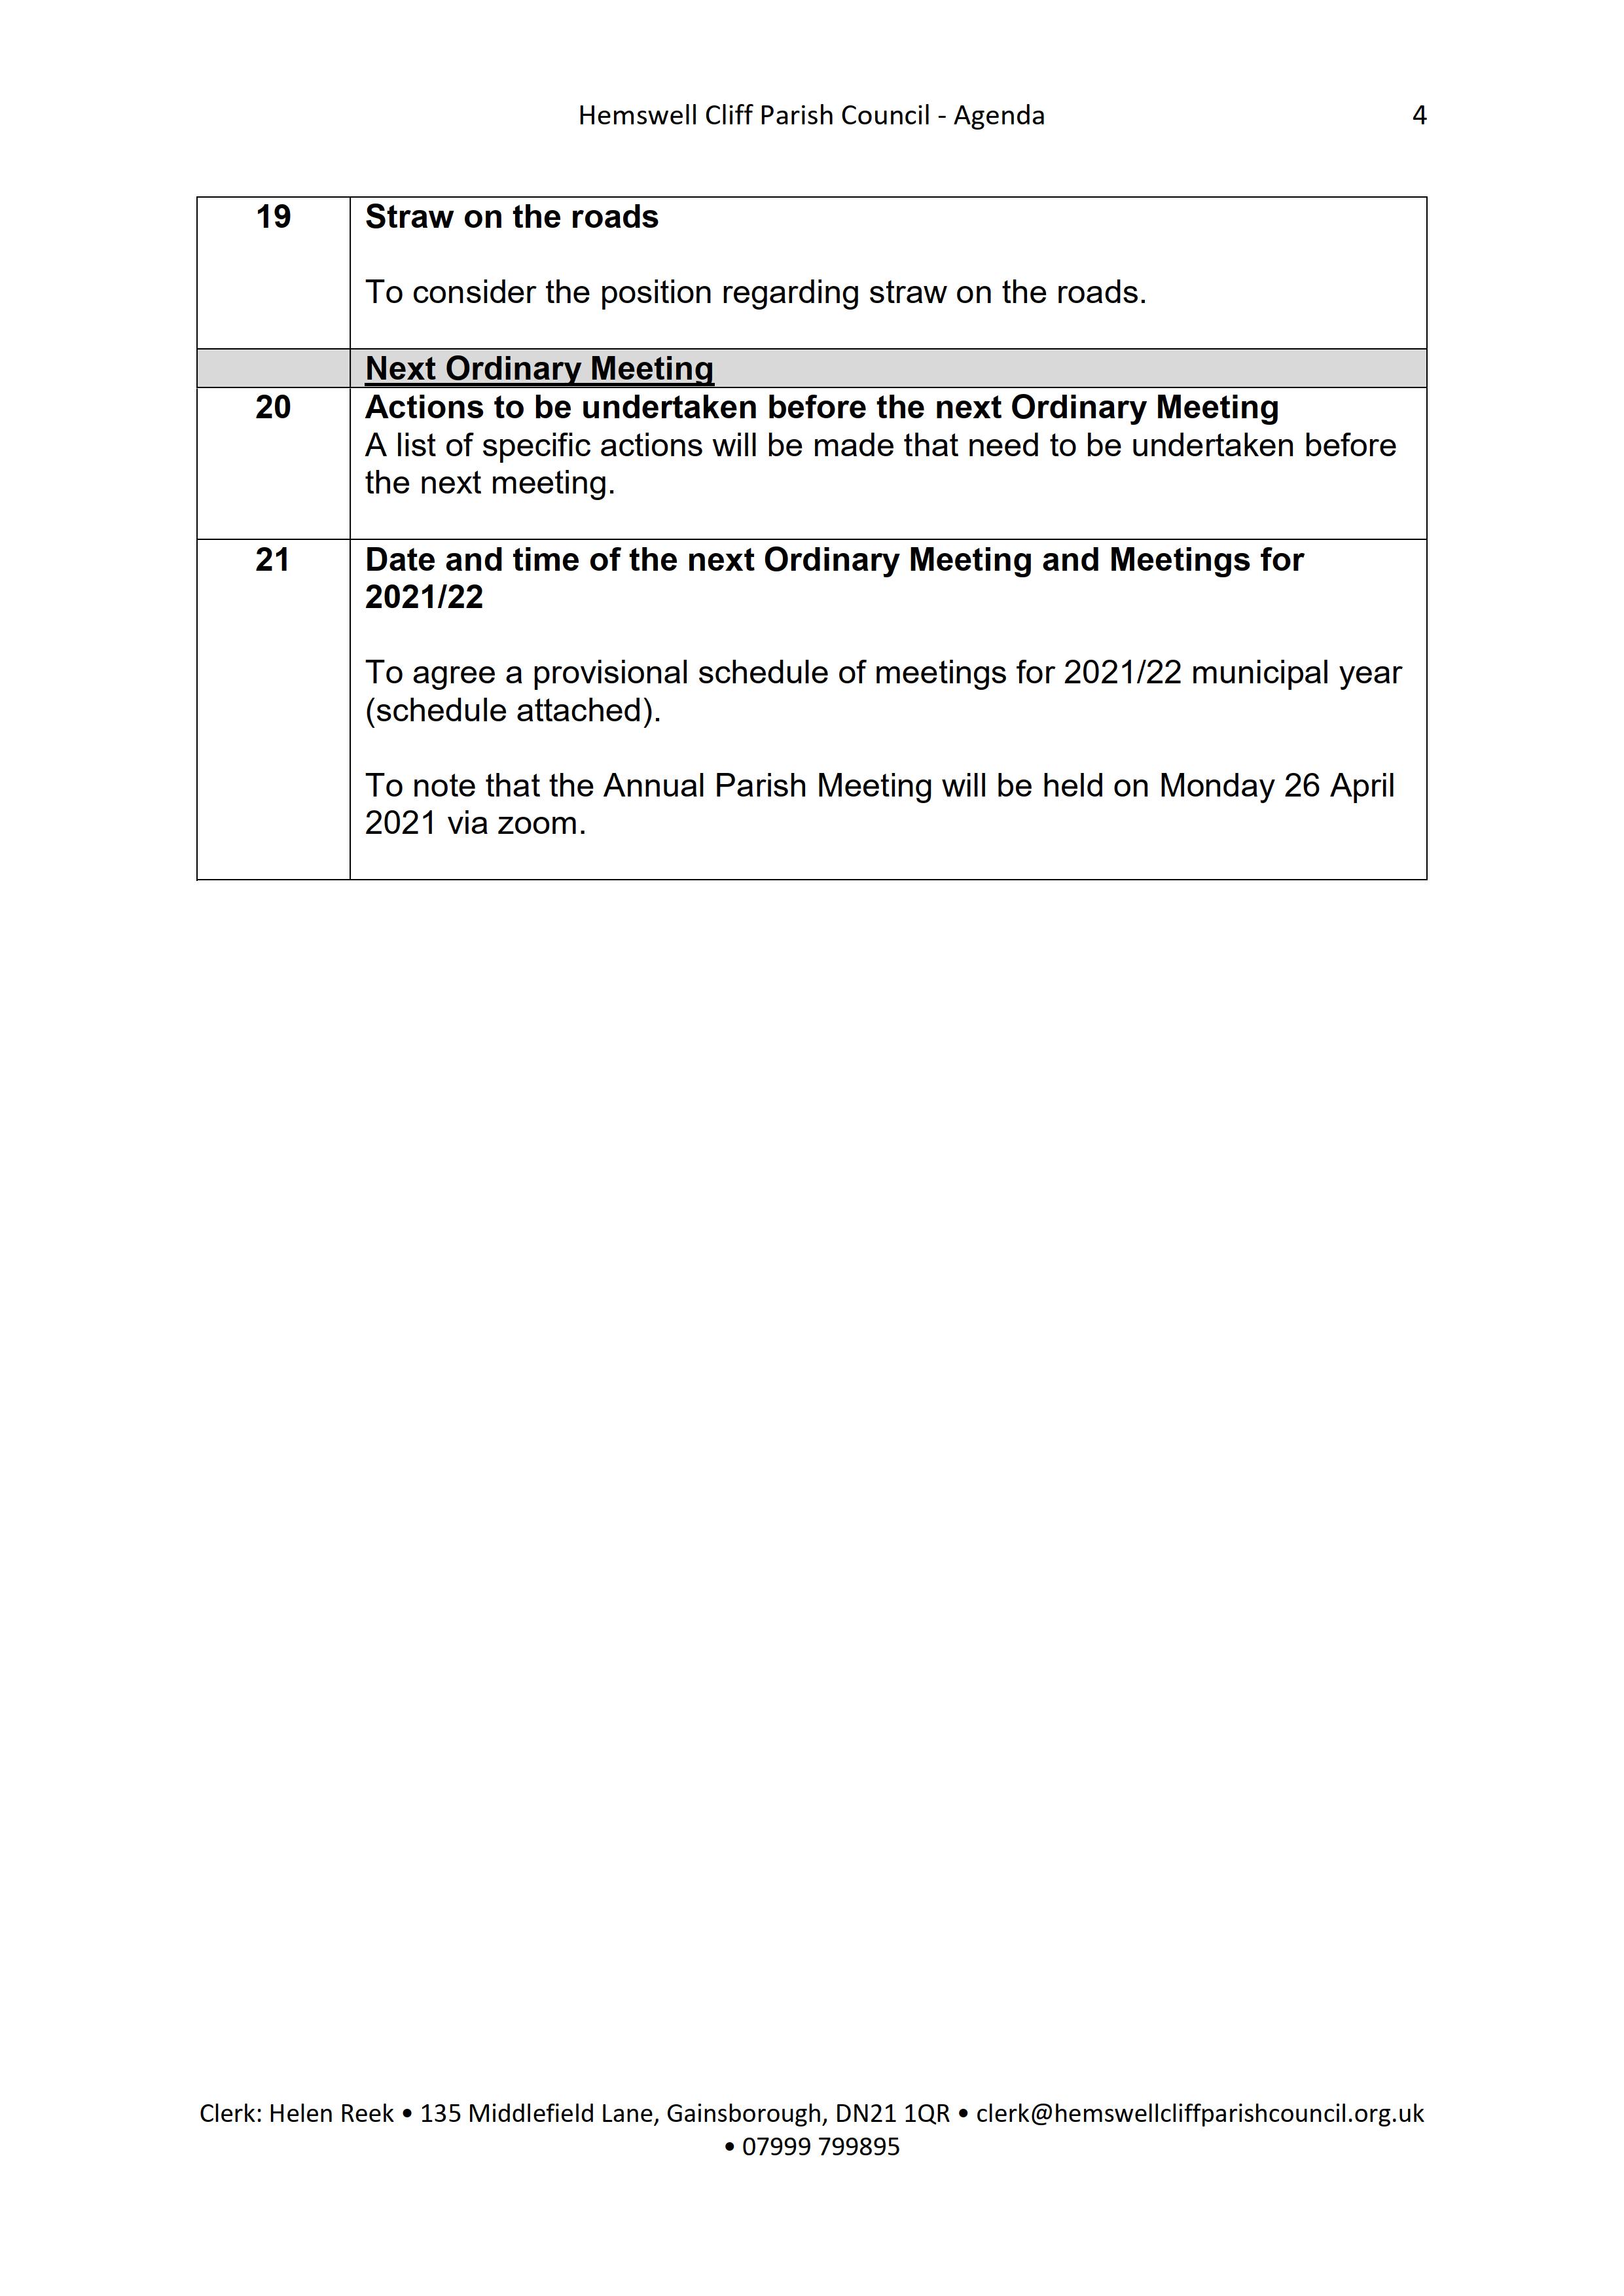 HCPC_Agenda_19.04.21_4.png